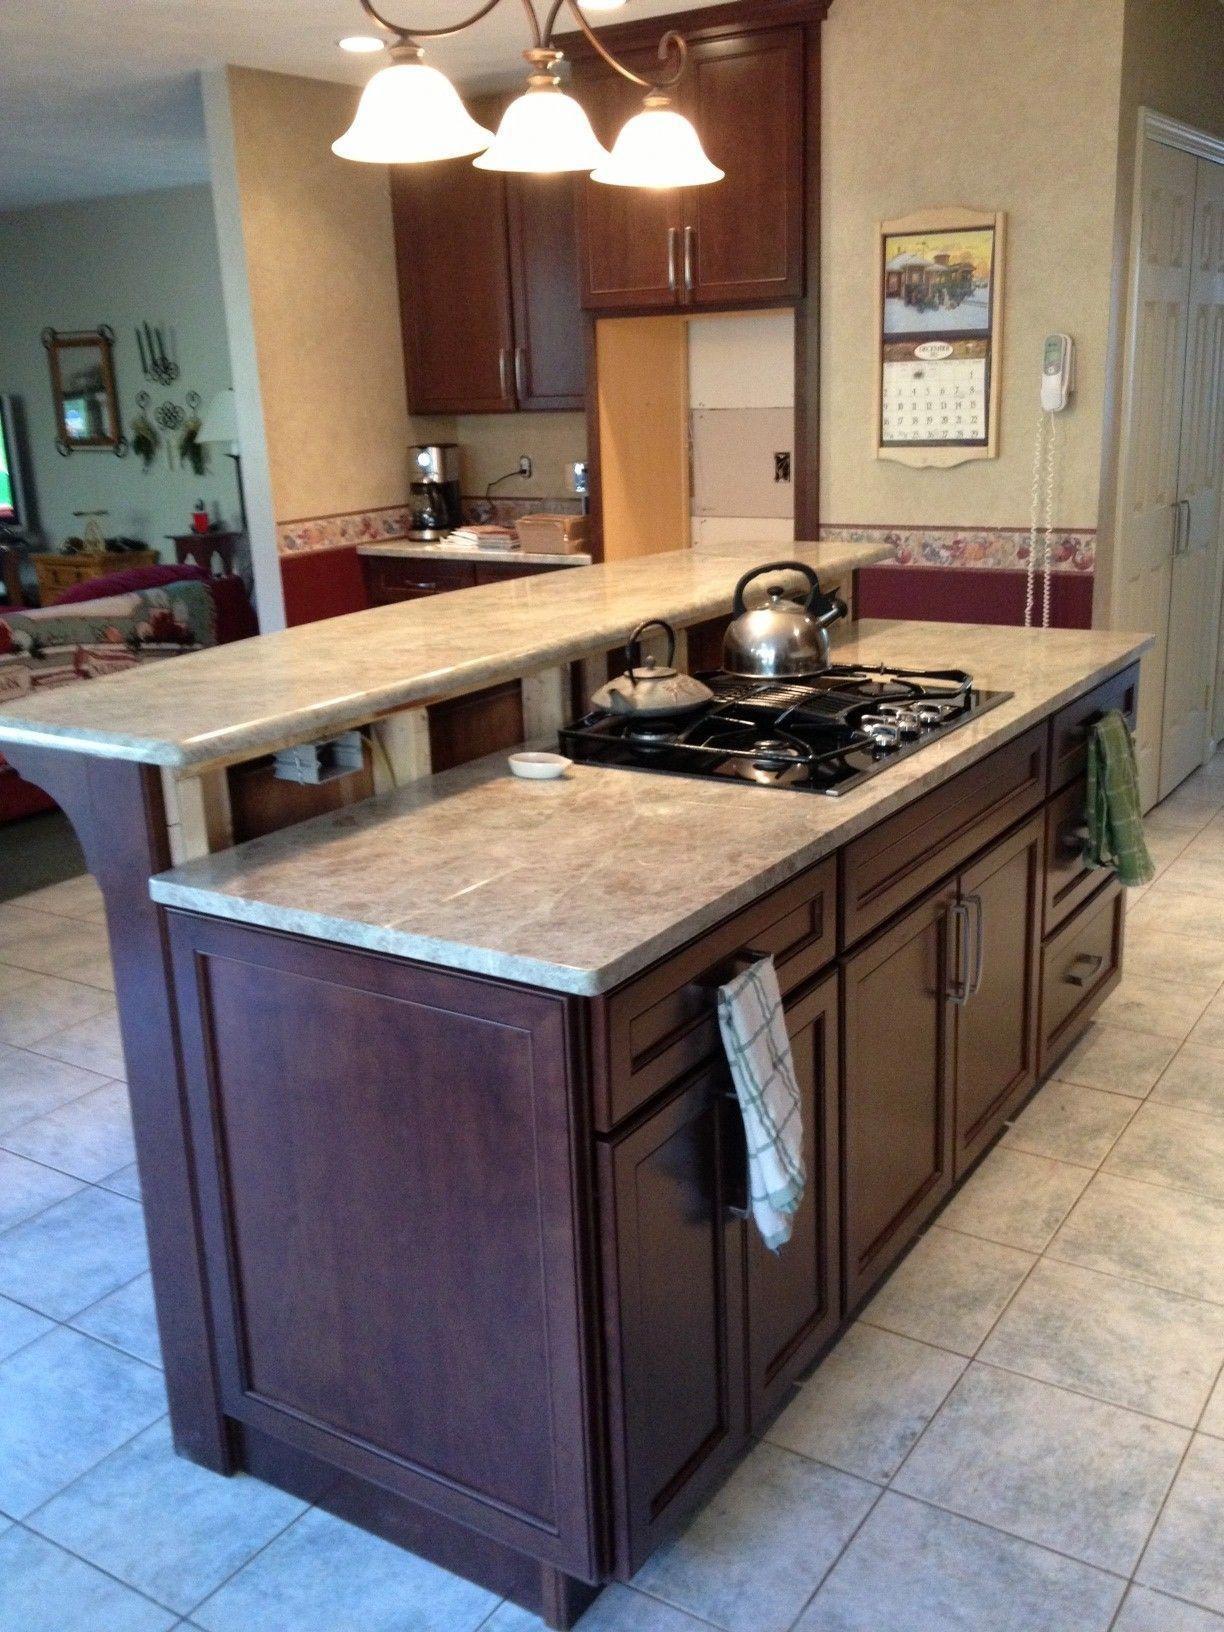 100 amazing kitchen island designs ideas for dream kitchen kitchen rustic kitchen island on kitchen island ideas diy id=39379